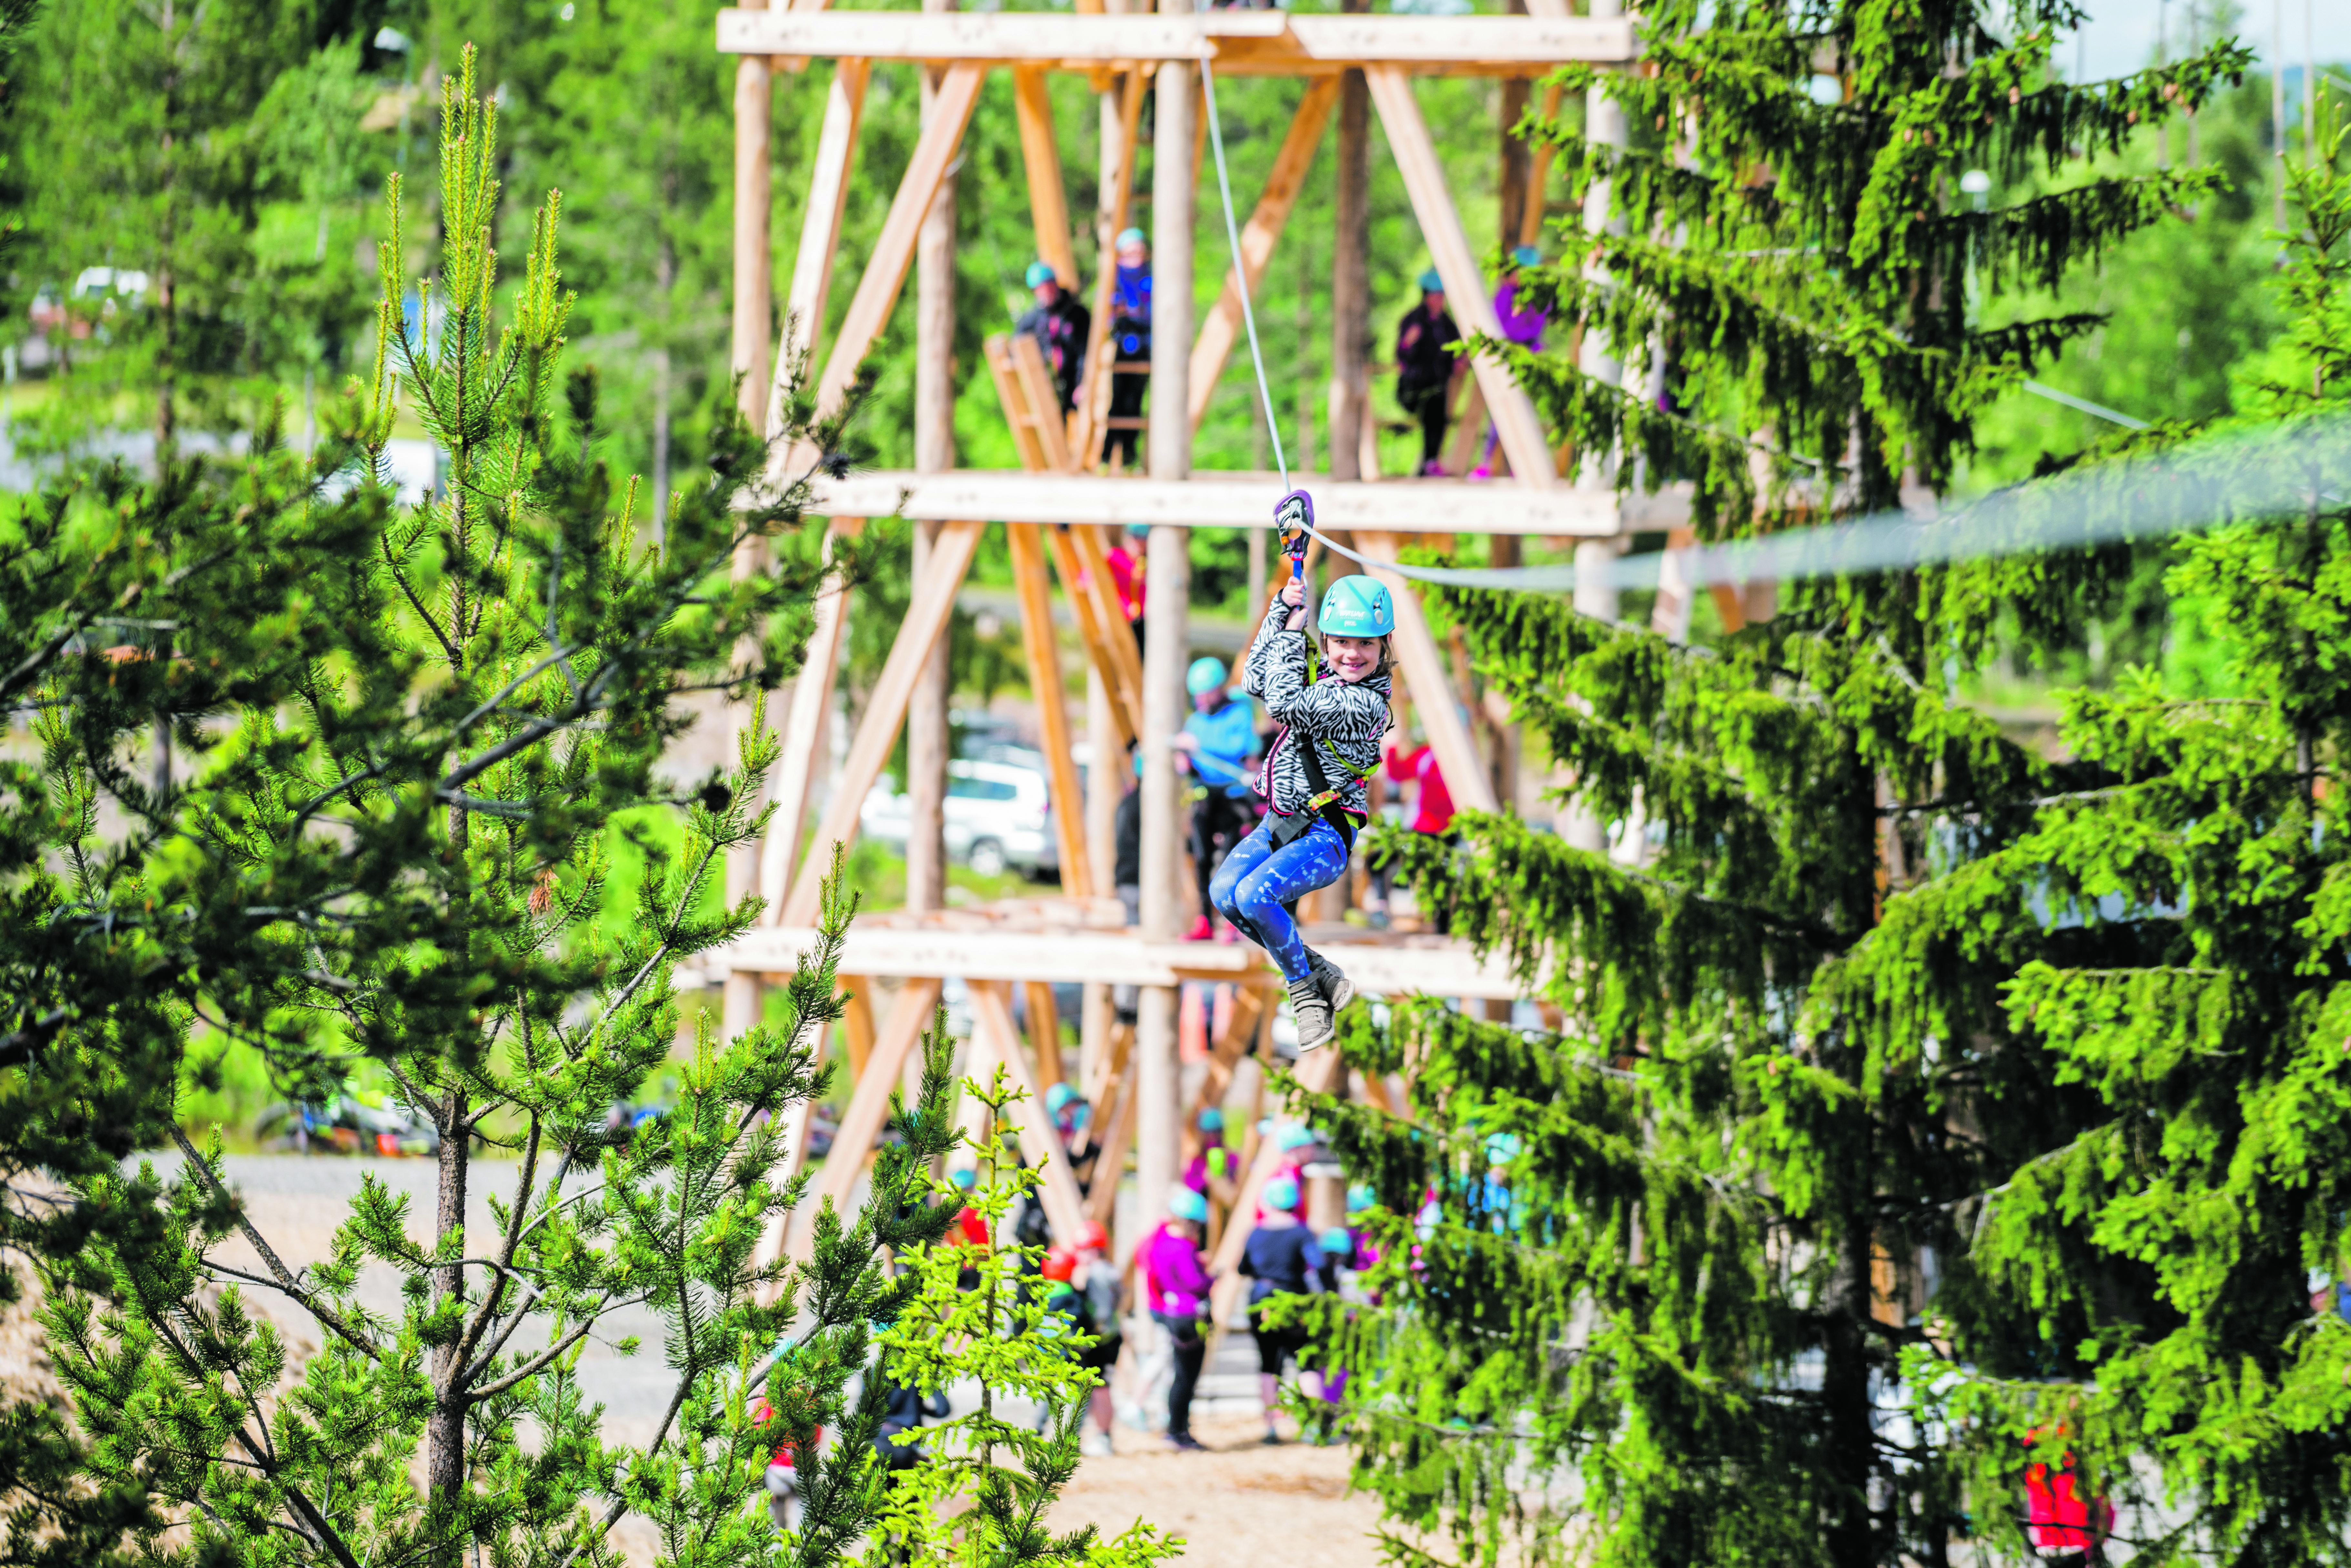 Høyt & Lavt Trysil: Klatreparken åpnet 6. Juni I år Og Har Allerede Hatt Over 8000 Gjester I Parken. Foto: Jacob Gjerluff